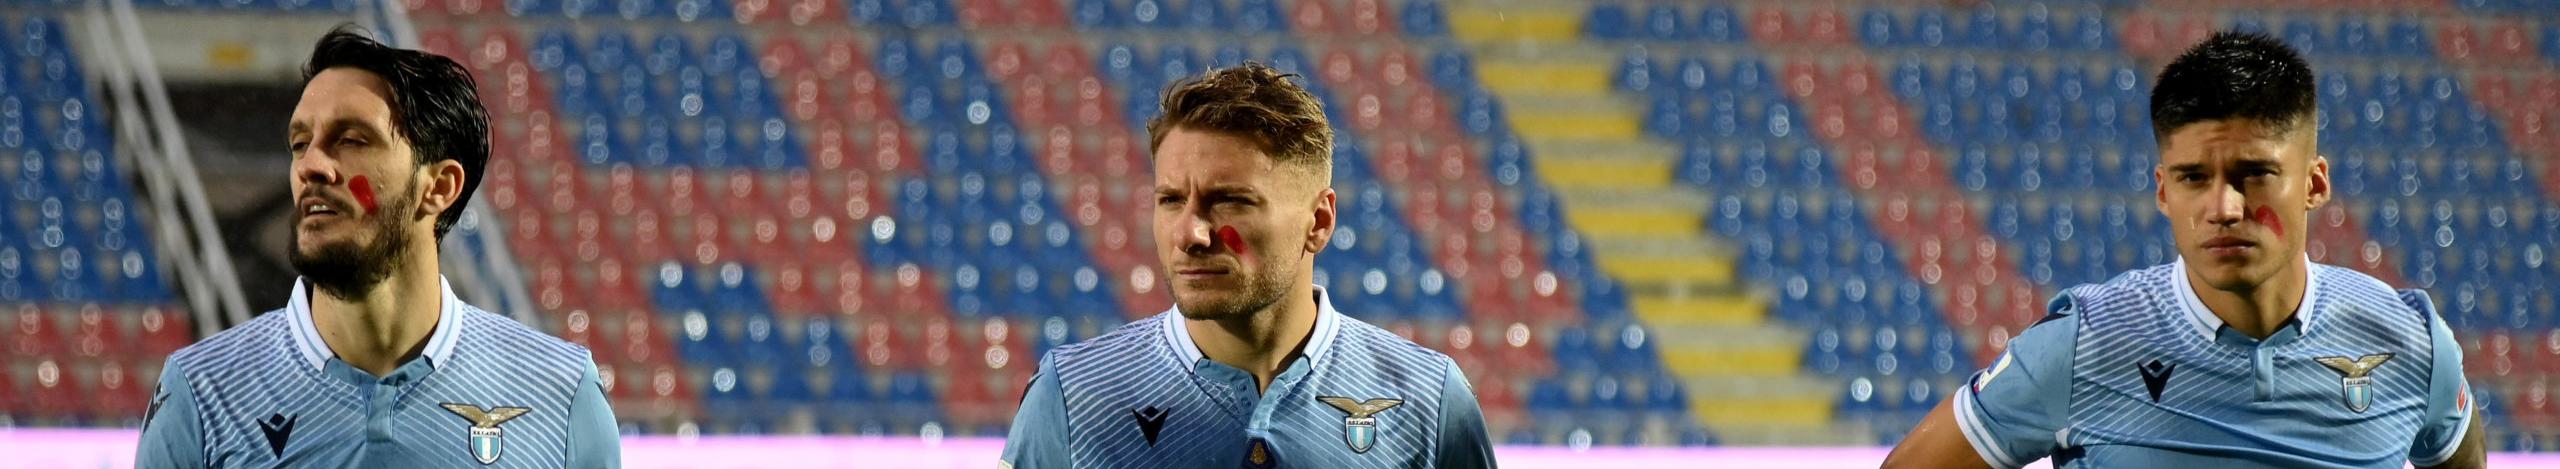 Pronostico Lazio-Zenit, l'Aquila ritrova i pezzi - le ultimissime